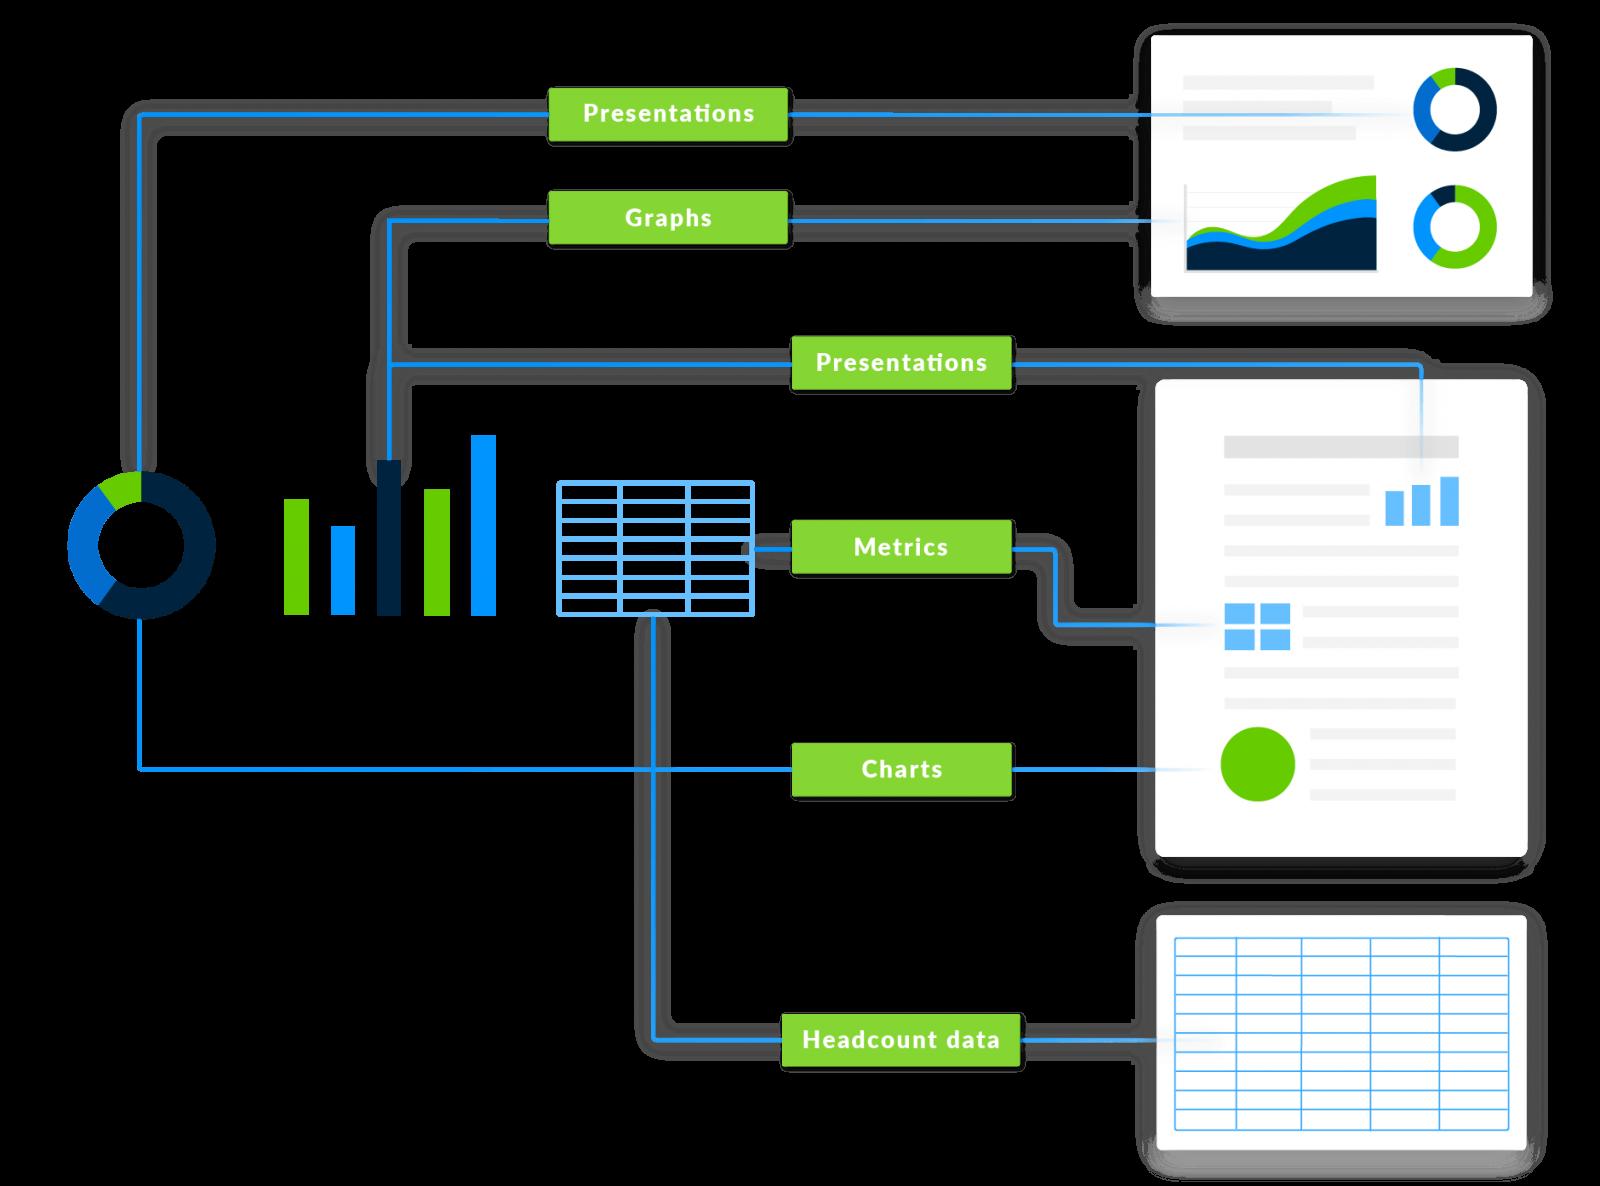 diagramme montrant les possibilités de connexion des données à des présentations, des graphiques ou des diagrammes sur la plateforme Workiva